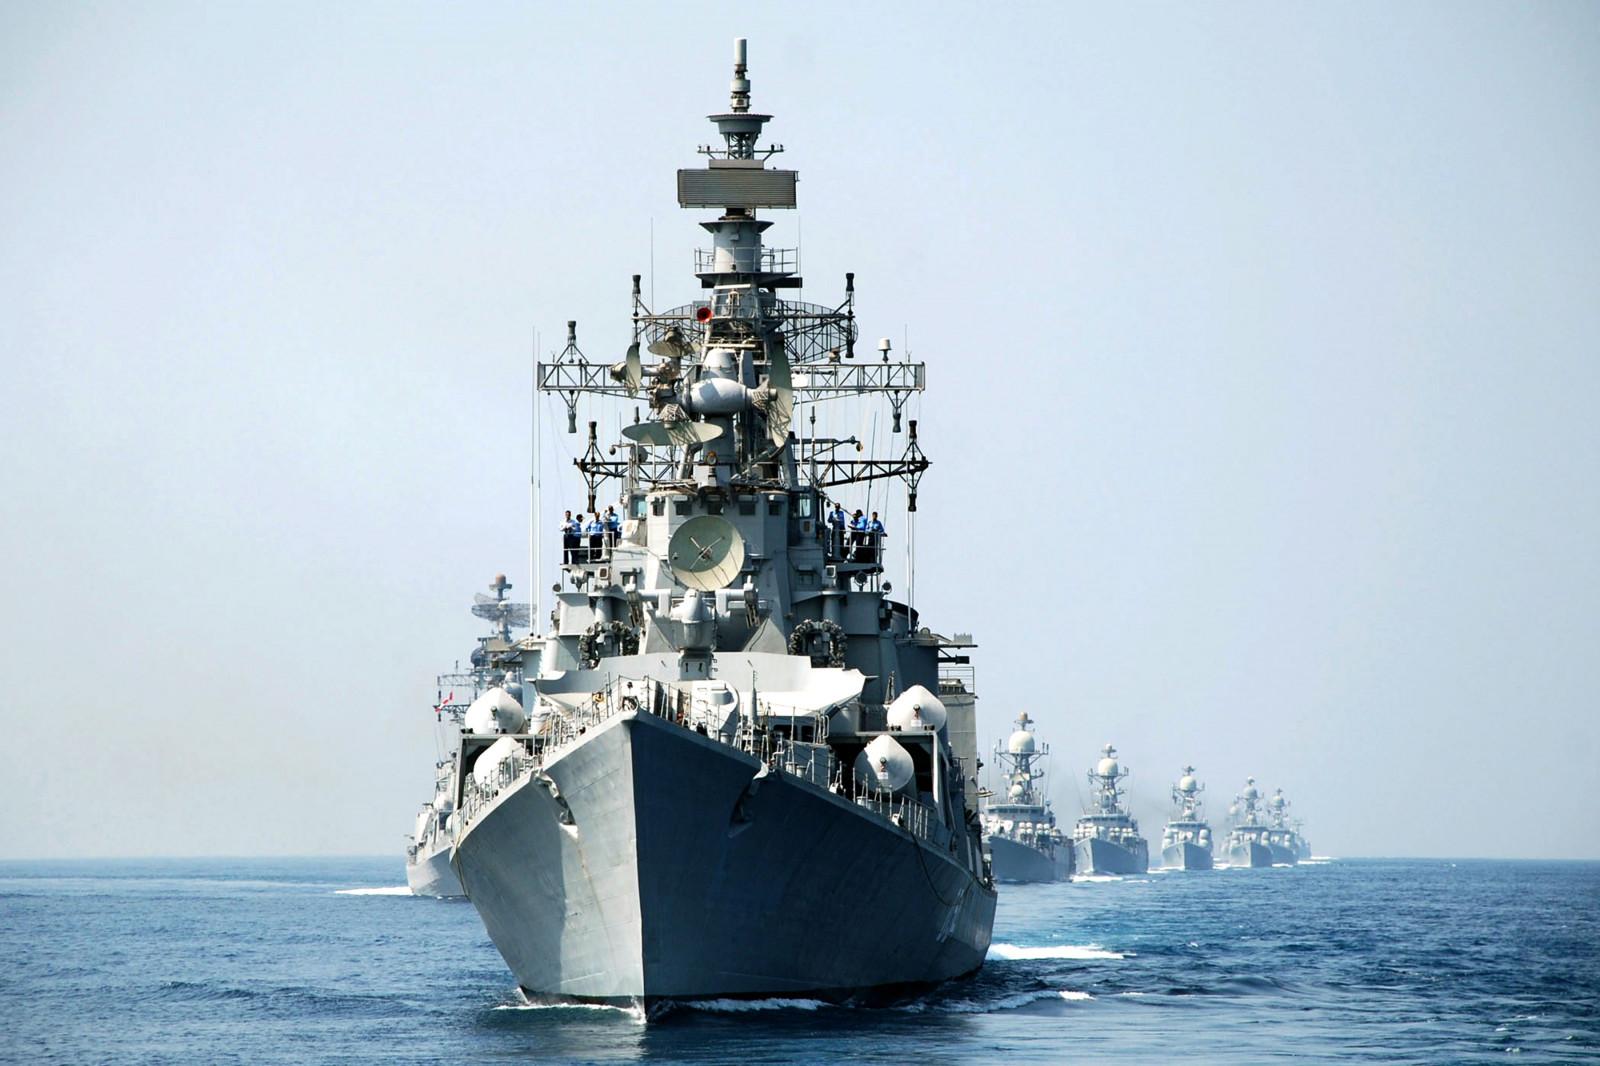 Картинки боевых кораблей россии, днем рождения